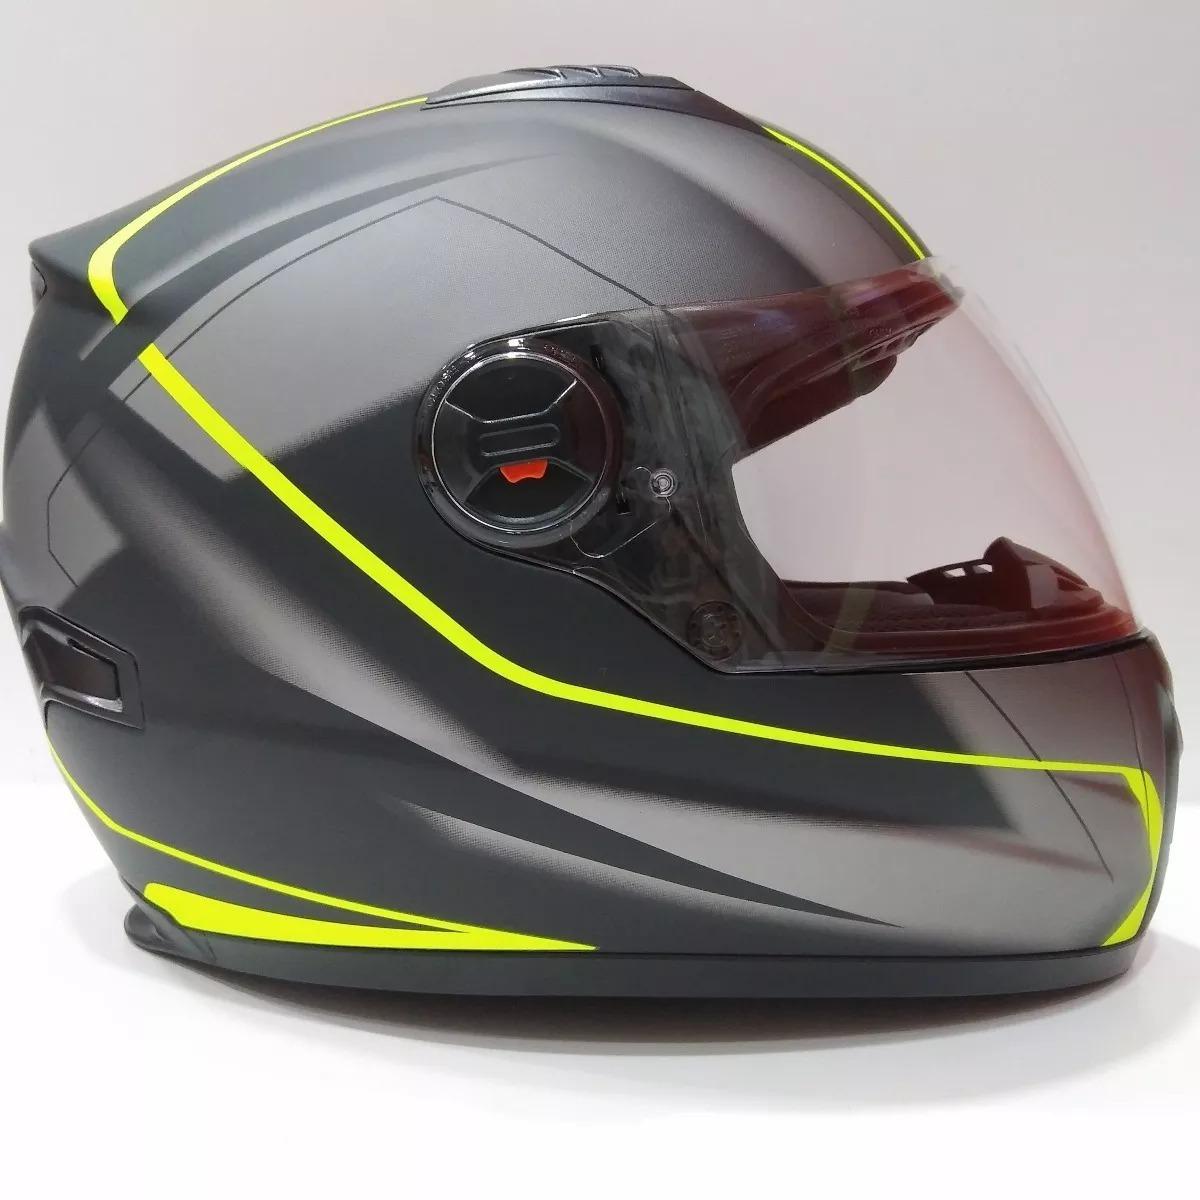 2cefb15f6cbb3 Casco Moto Integral Arex 807 Ms Gris Negro Amari Fluo Mate ...